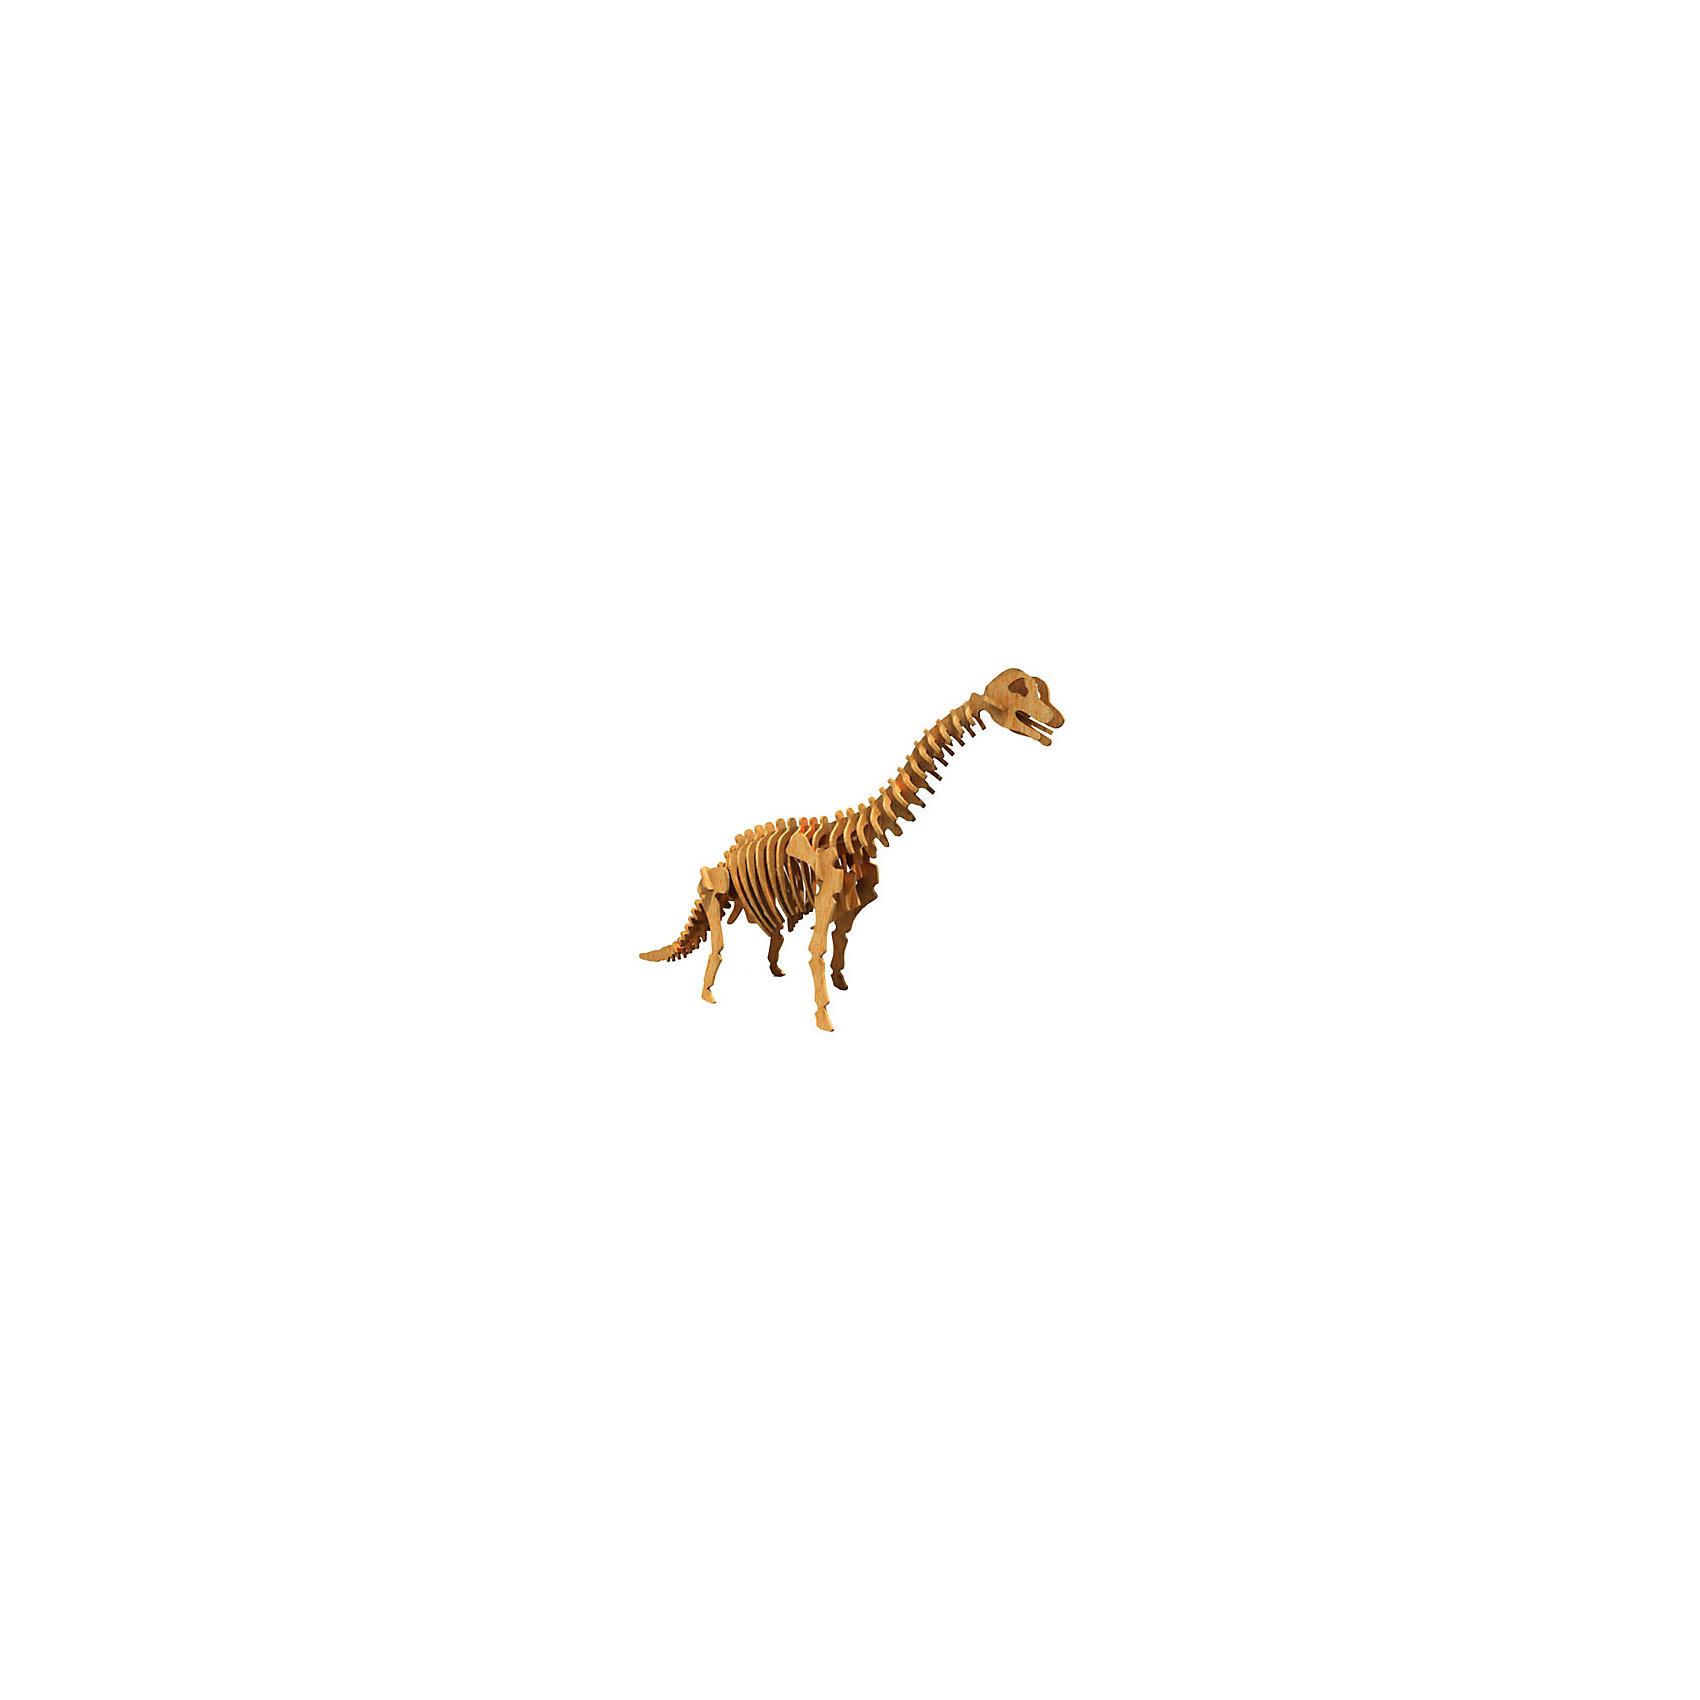 Брахиозавр (серия Ж), Мир деревянных игрушекДеревянные модели<br>Отличный способ для ребенка с пользой провести время и развить свои навыки - сделать деревянную игрушку самому! Специально для любящих творчество и интересующихся вымершими животными были разработаны эти 3D-пазлы. Из них получаются красивые очень реалистичные фигуры, которые могут стать украшением комнаты.<br>Собирая их, ребенок будет учиться соотносить фигуры, развивать пространственное мышление, память и мелкую моторику. А раскрашивая готовое произведение, дети научатся подбирать цвета и будут развивать художественные навыки. Этот набор произведен из качественных и безопасных для детей материалов - дерево тщательно обработано.<br><br>Дополнительная информация:<br><br>материал: дерево;<br>цвет: бежевый;<br>элементы: пластины с деталями для сборки;<br>размер упаковки: 23 х 37 см.<br><br>3D-пазл Брахиозавр (серия Ж) от бренда Мир деревянных игрушек можно купить в нашем магазине.<br><br>Ширина мм: 350<br>Глубина мм: 30<br>Высота мм: 225<br>Вес г: 50<br>Возраст от месяцев: 36<br>Возраст до месяцев: 144<br>Пол: Унисекс<br>Возраст: Детский<br>SKU: 4969043